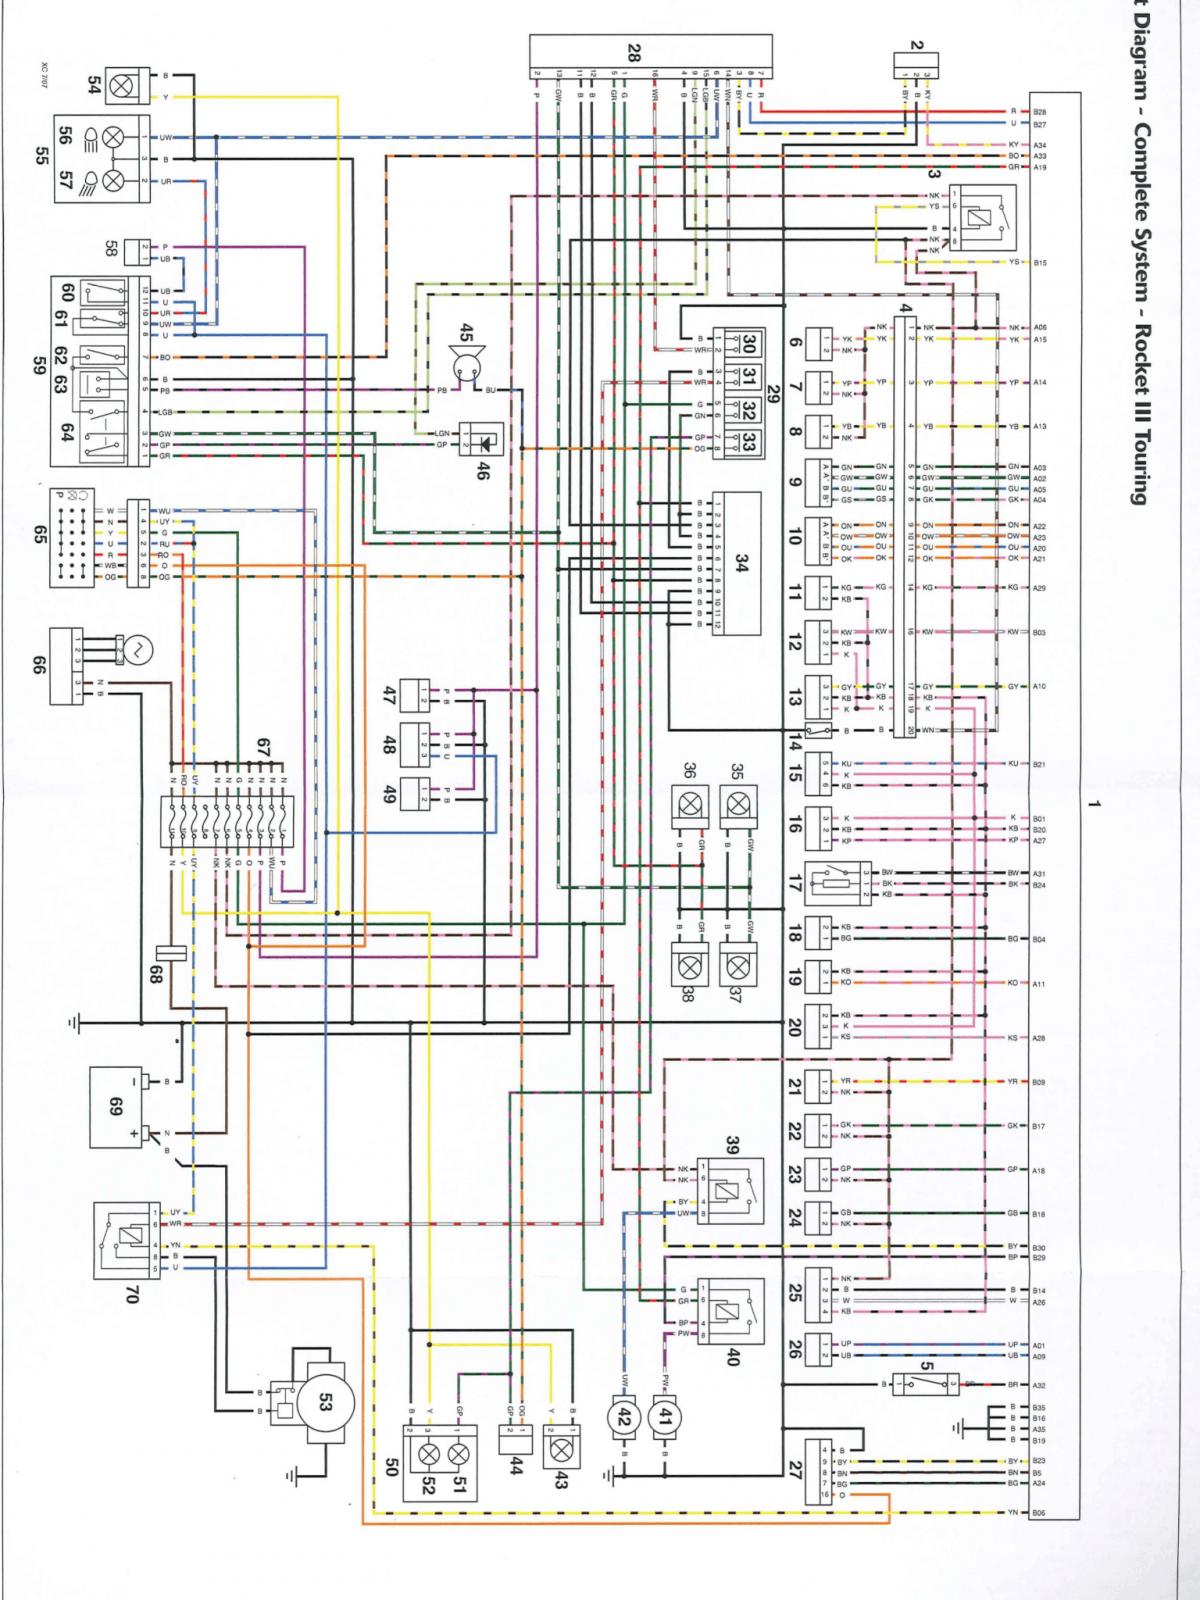 triumph spitfire wiring schematic thruxton wiring schematic e1 wiring diagram  thruxton wiring schematic e1 wiring